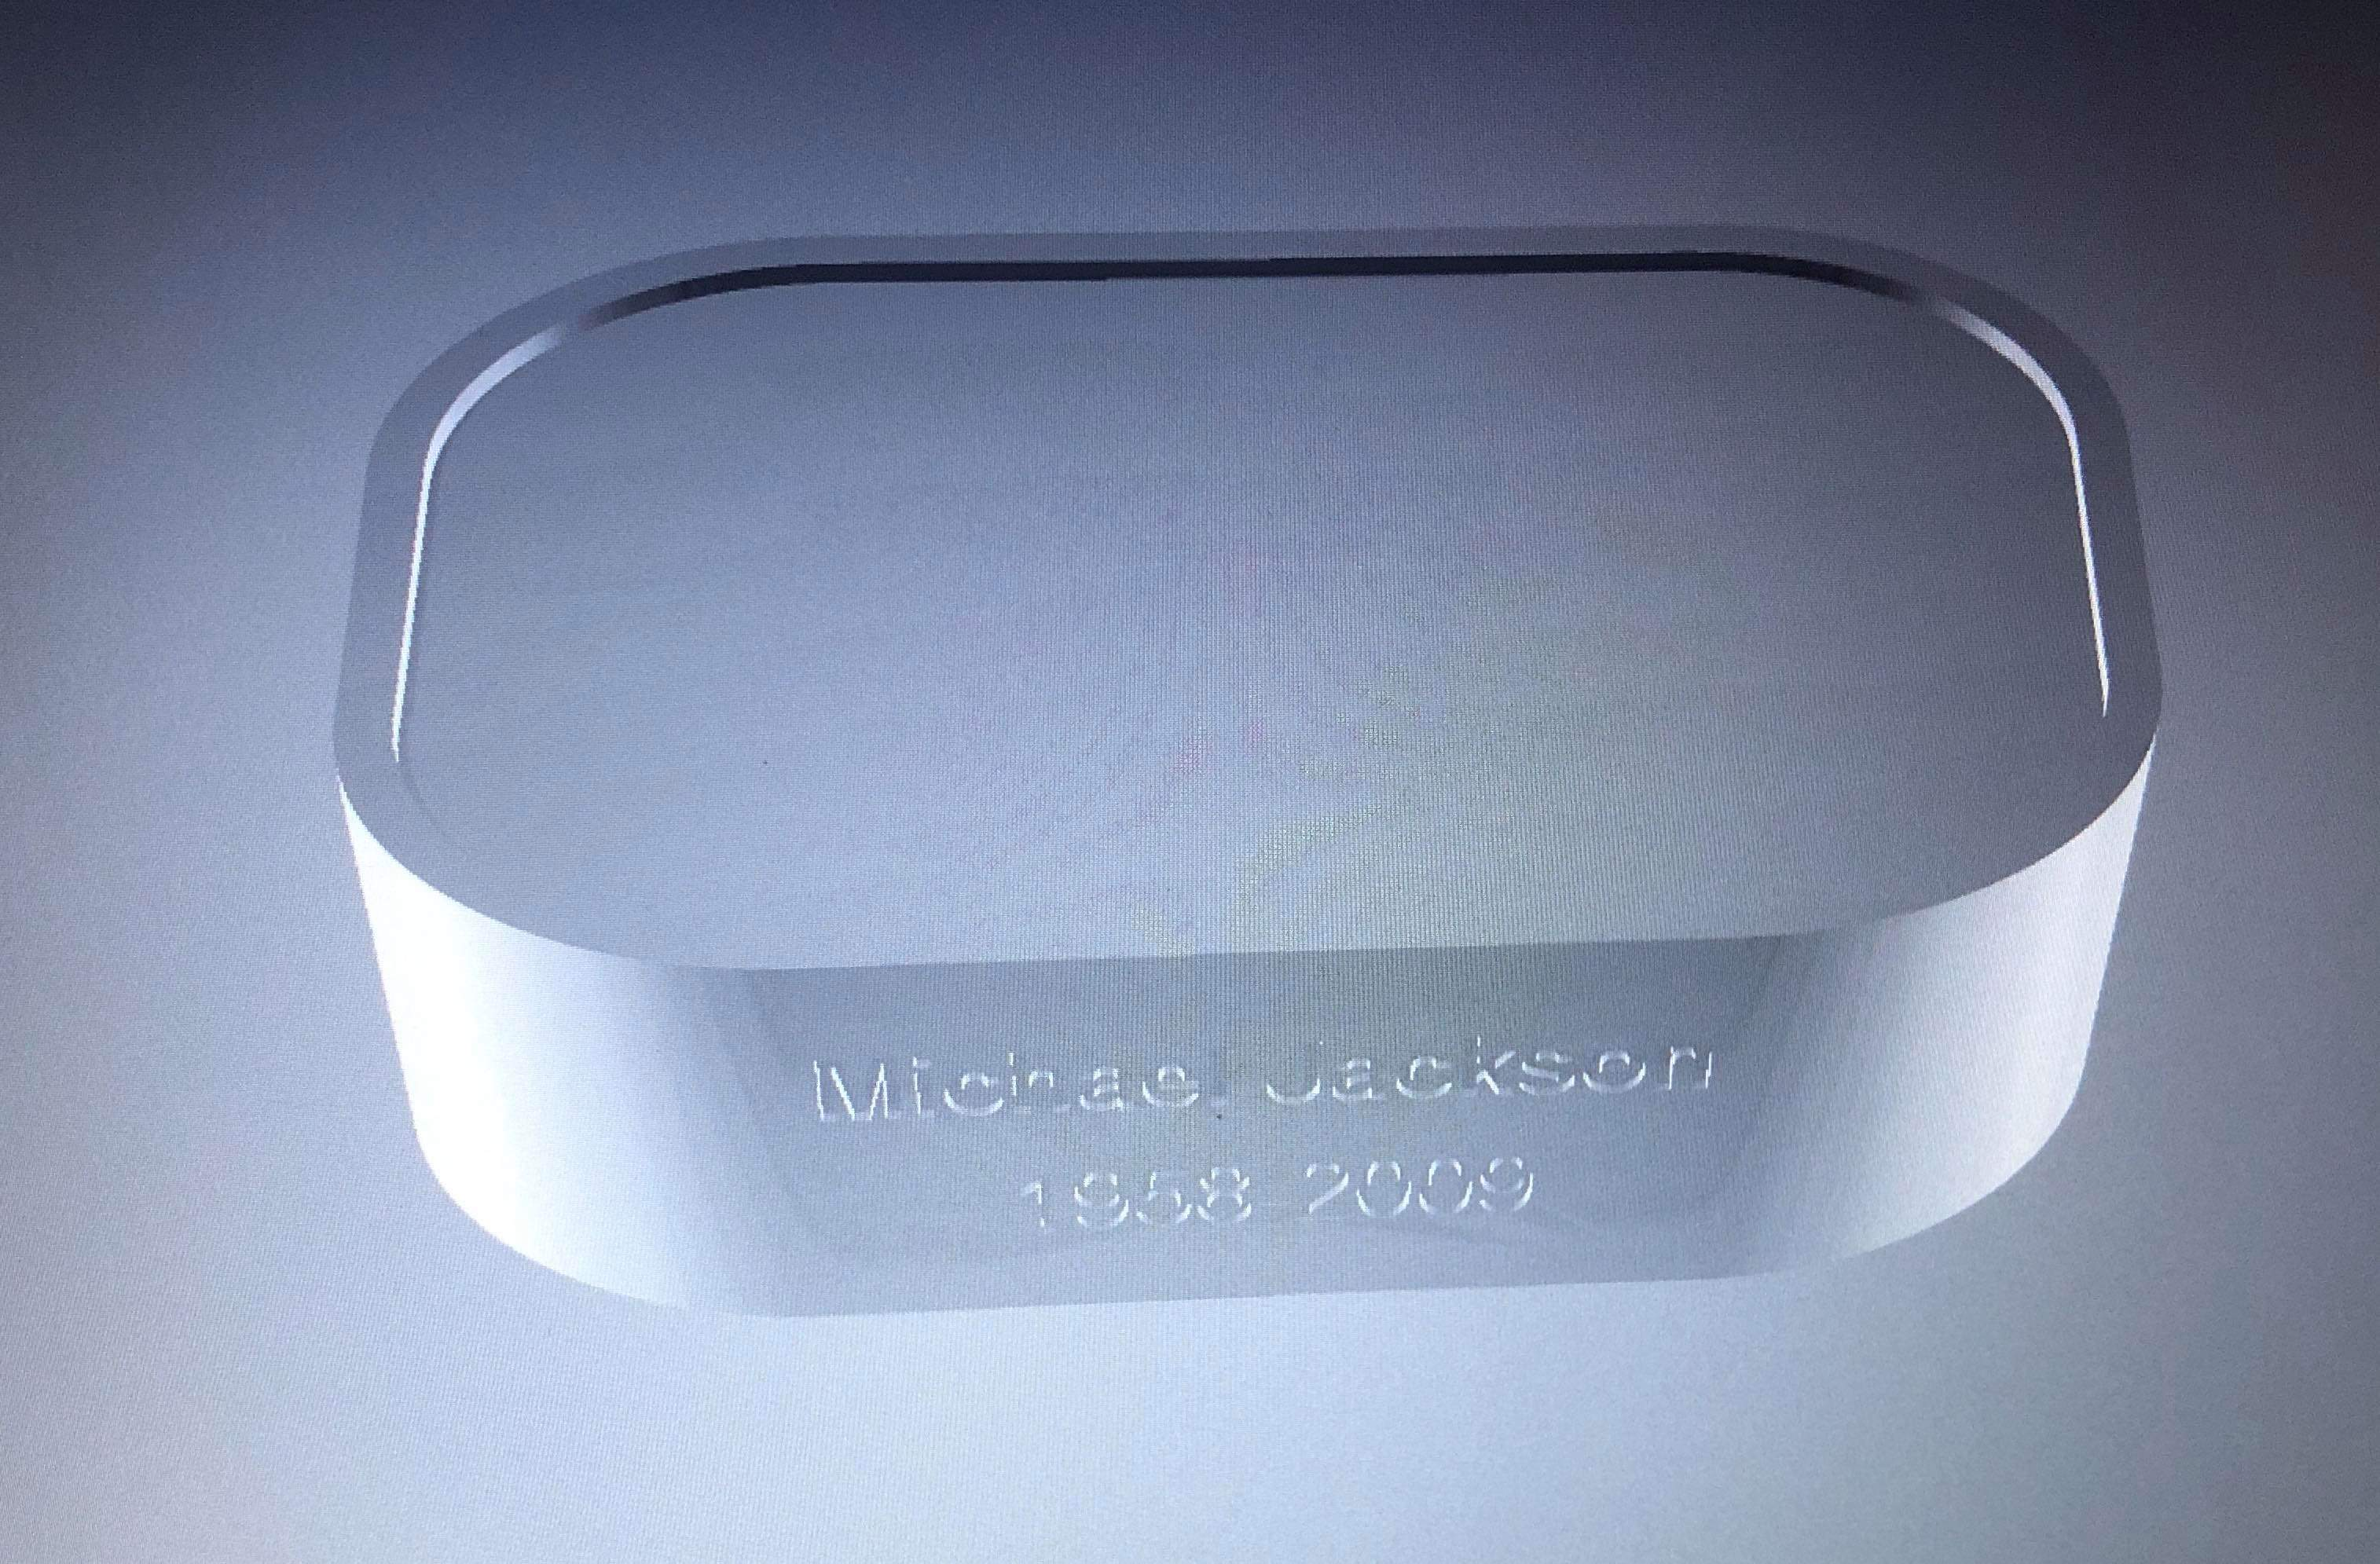 F6BA3689-27ED-42A5-96DD-06611F0B0265.png Télécharger fichier STL gratuit Buste michael jackson • Objet à imprimer en 3D, fantibus14